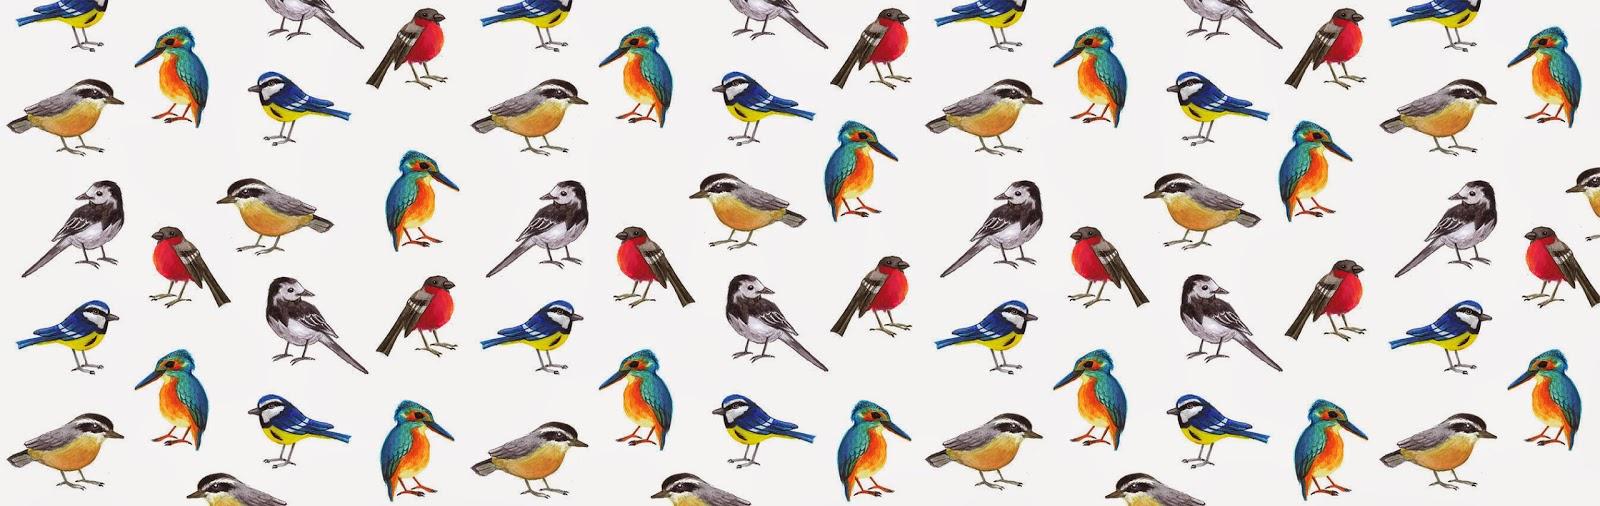 British birds - Jen Haugan Animation & Illustration